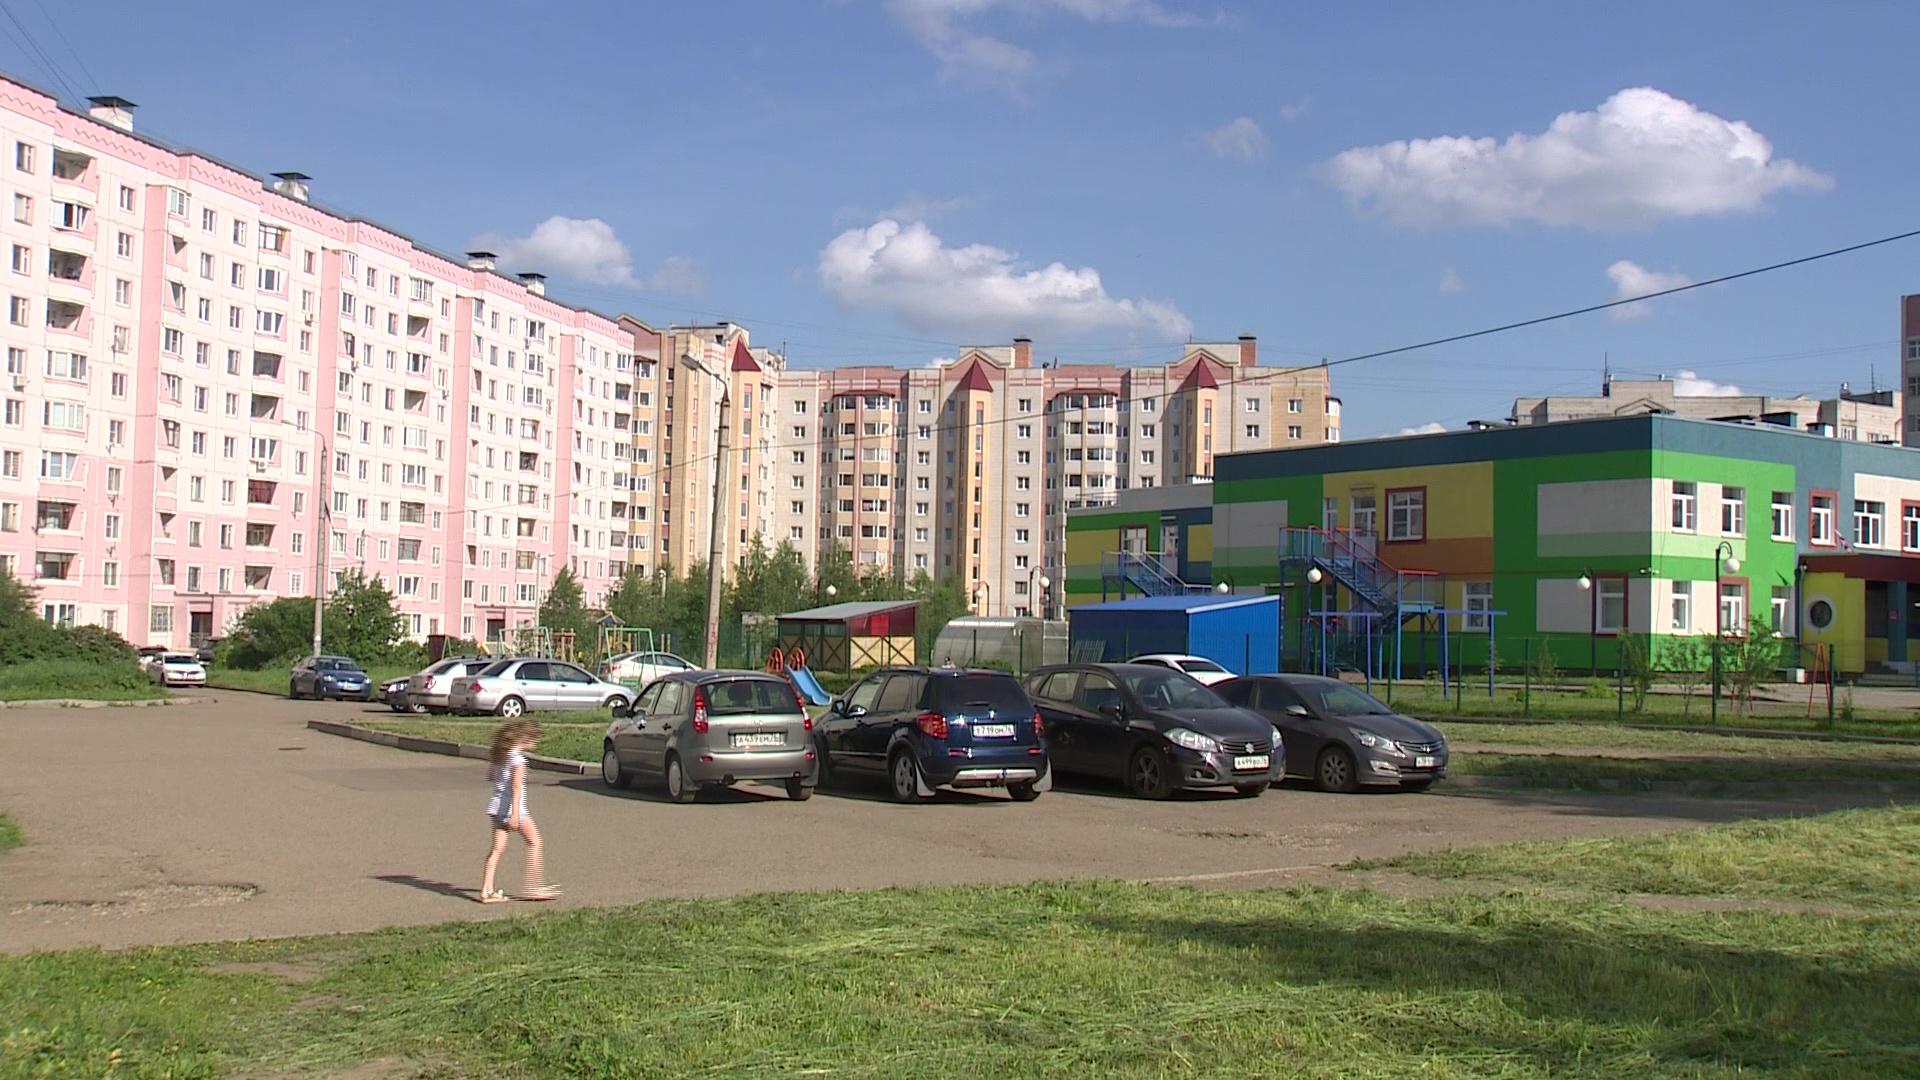 С 25 июня ярославцы смогут проголосовать по поправкам в Конституцию прямо возле своего дома